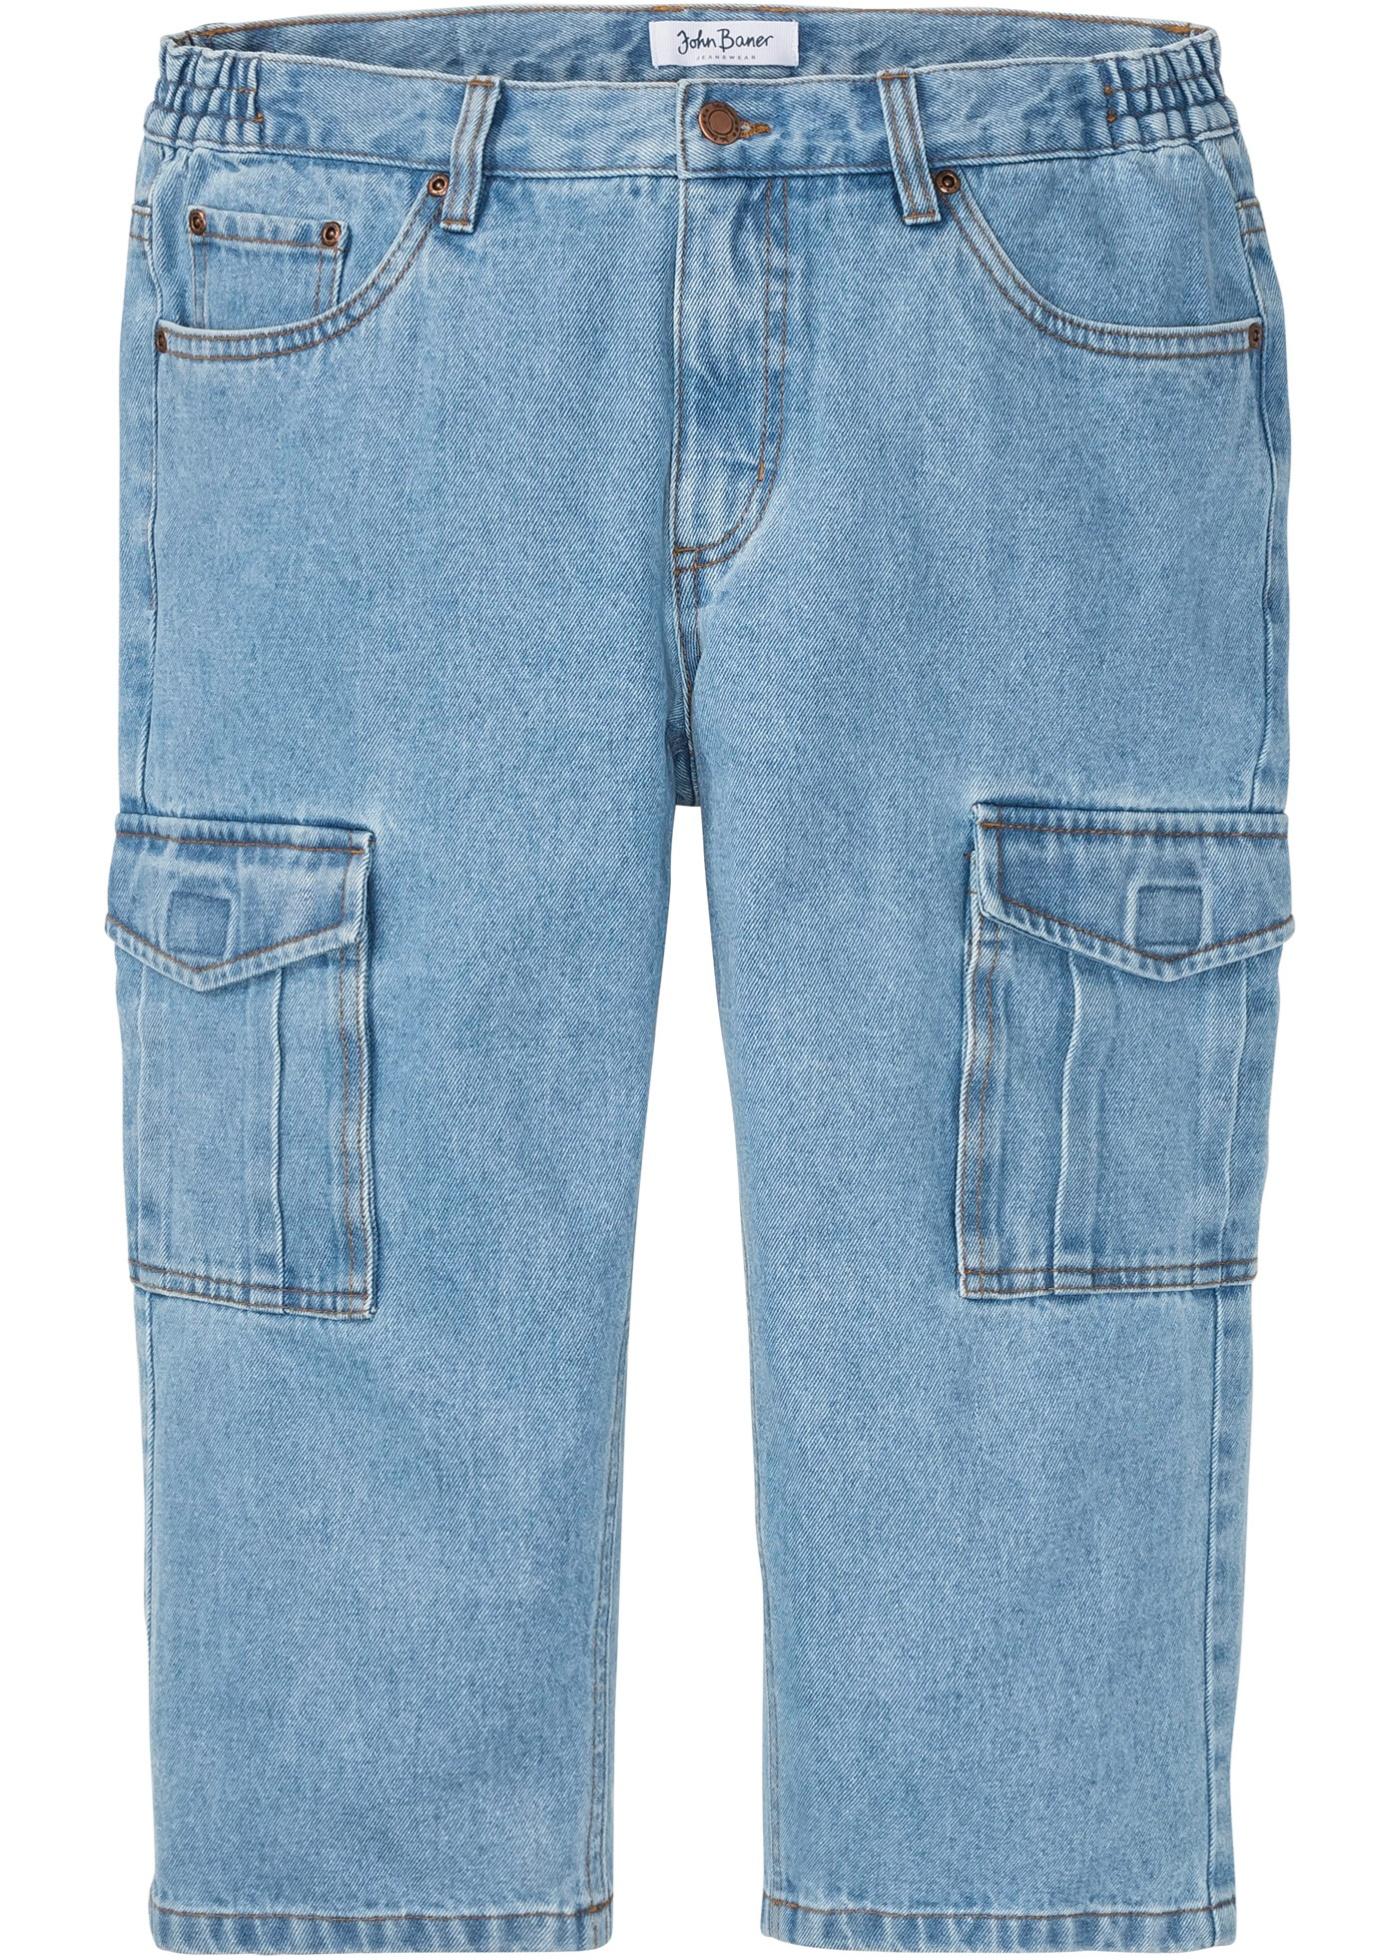 Image of 3/4 Regular Fit Cargo-Jeans m. seitlichem Dehnbund, Straight